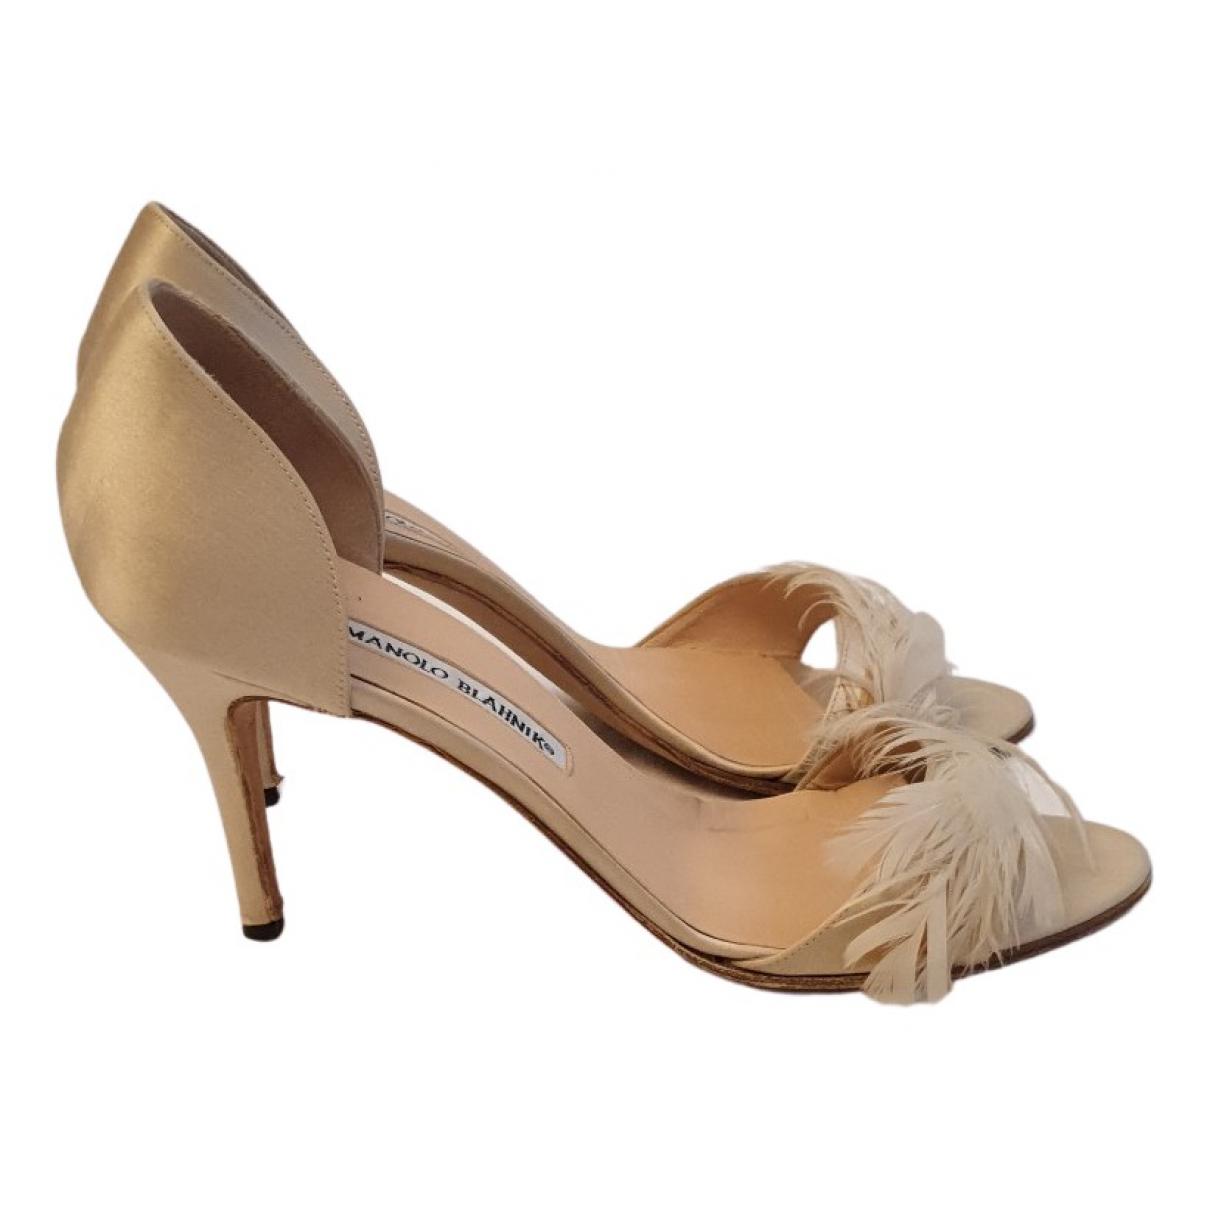 Manolo Blahnik - Sandales   pour femme en toile - beige